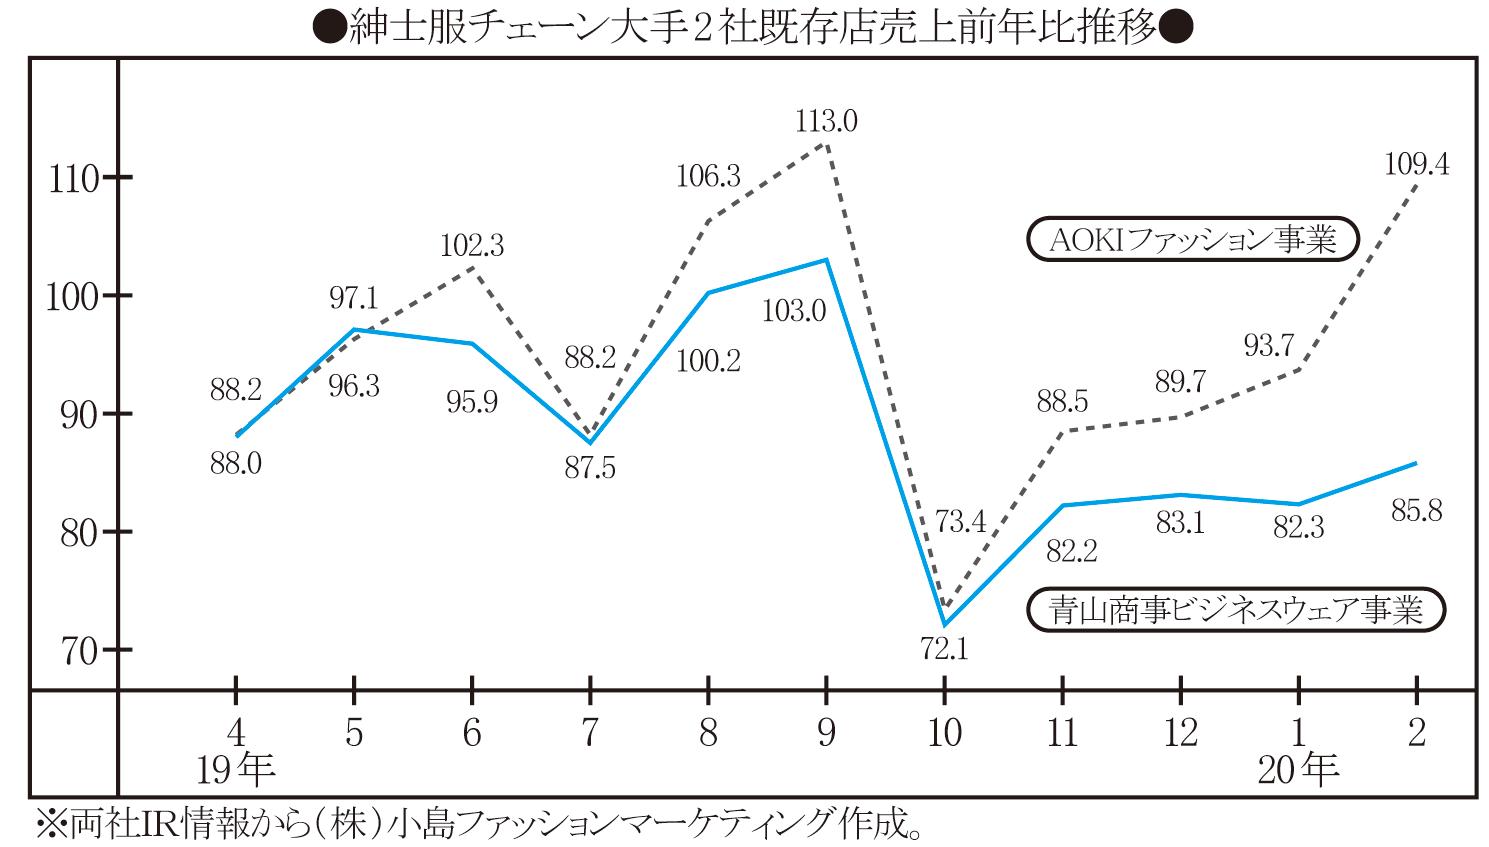 株価 青山 商事